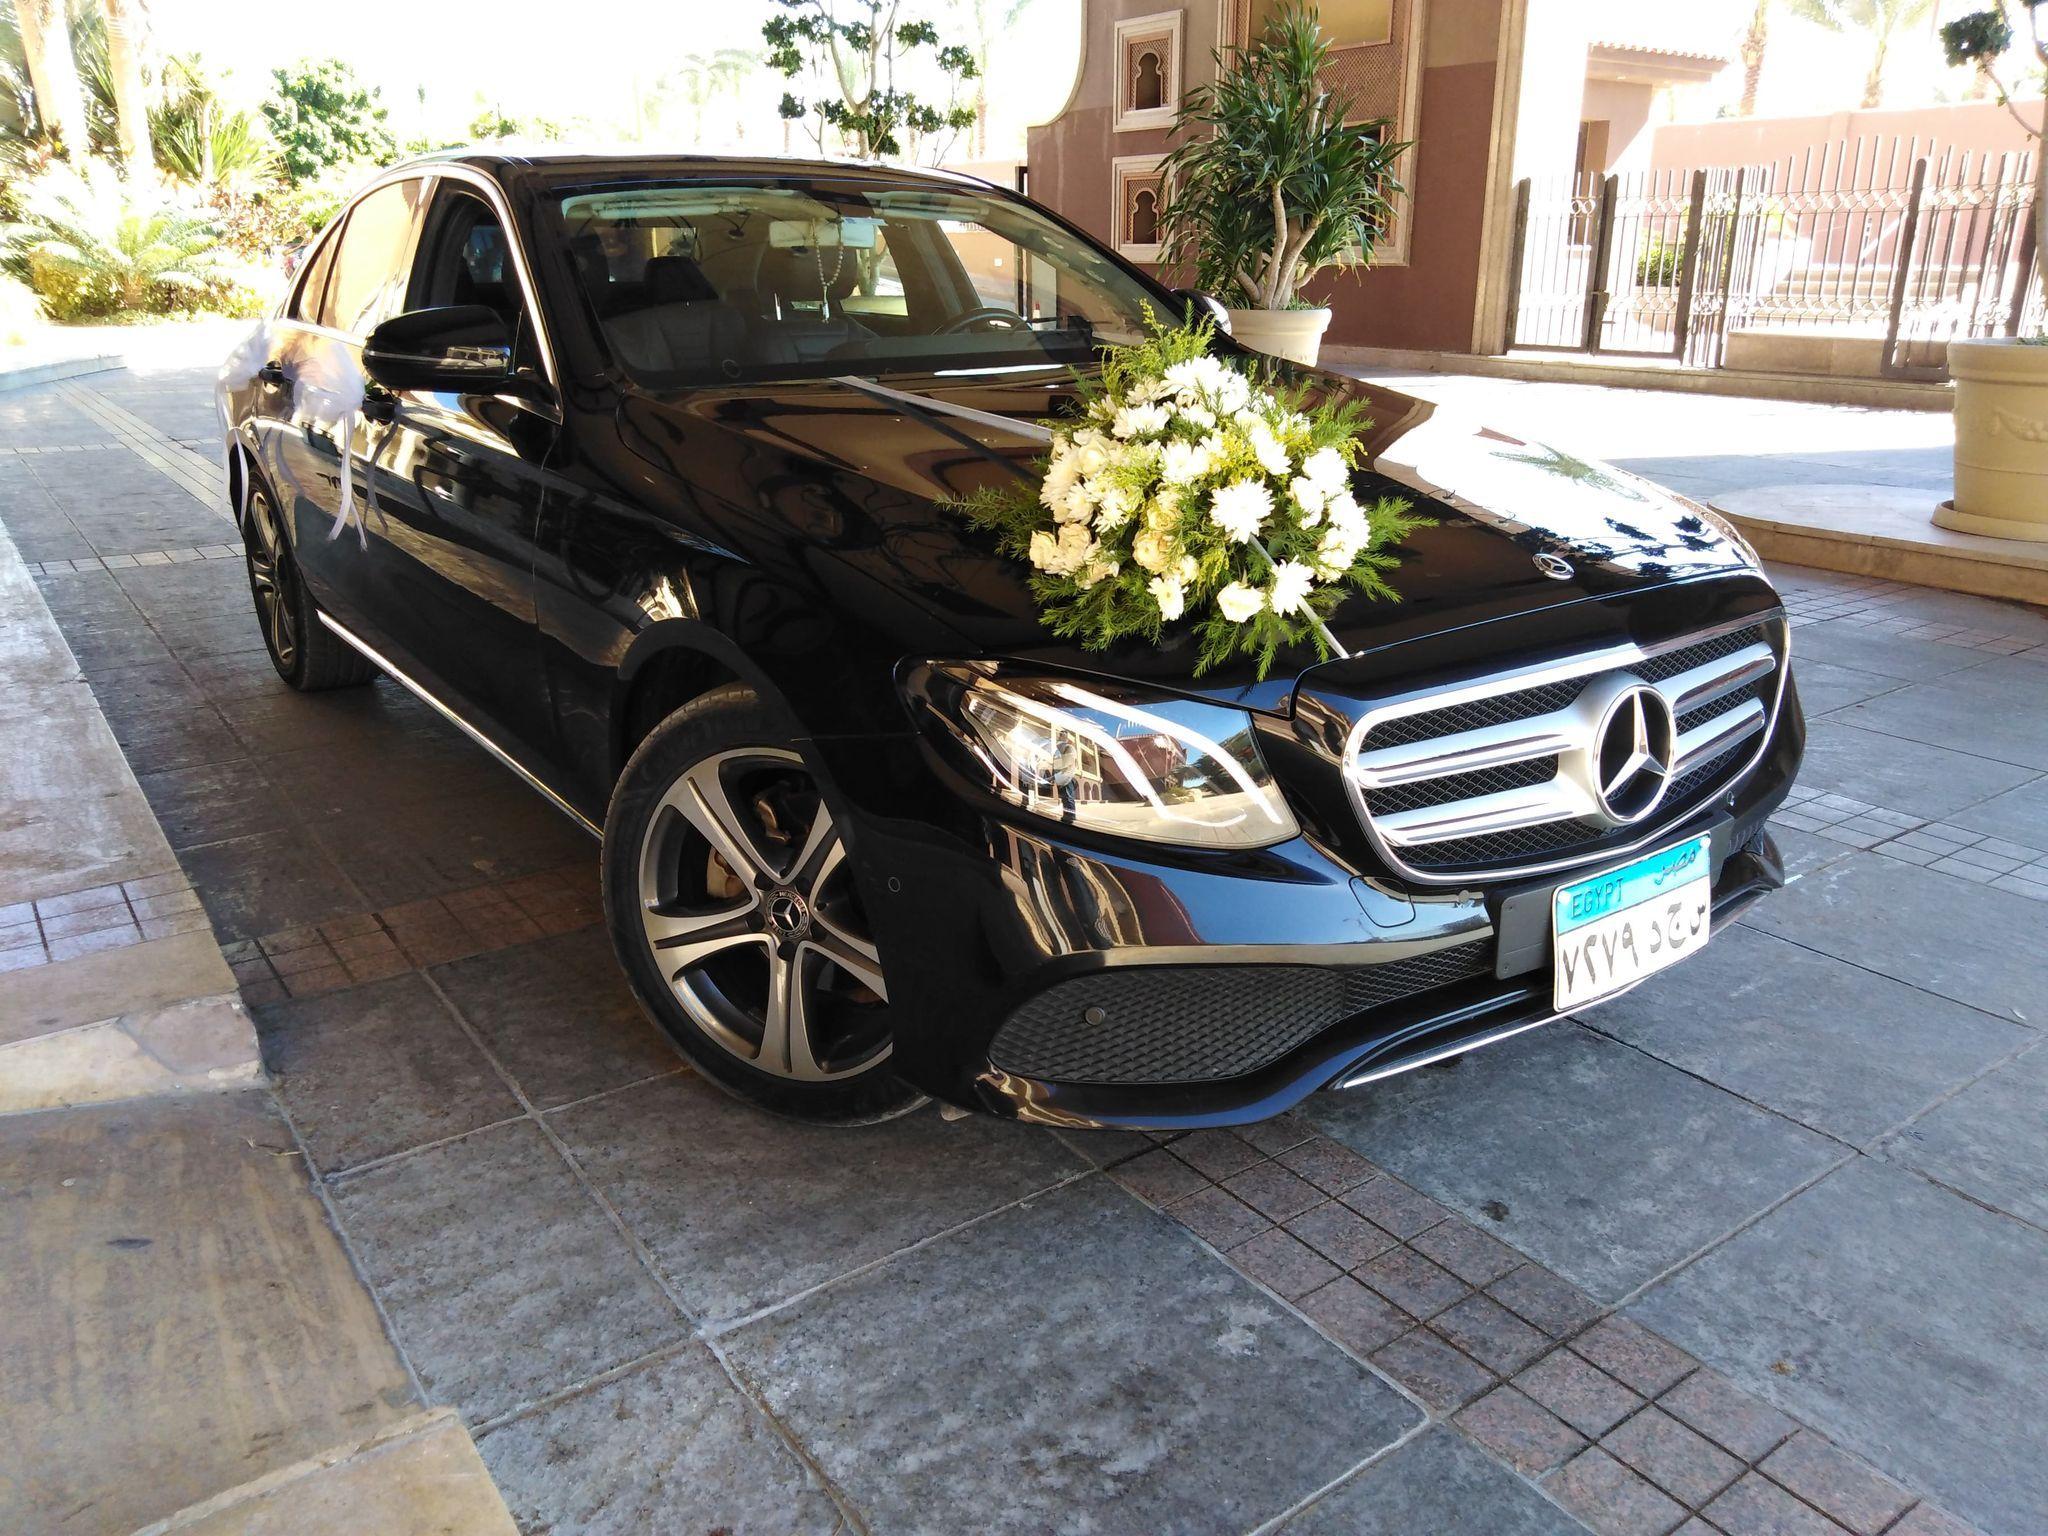 الدعاء لخدمة الليموزين وتأجيرسيارات الزفاف الاسكندرية Car Vehicles Suv Car